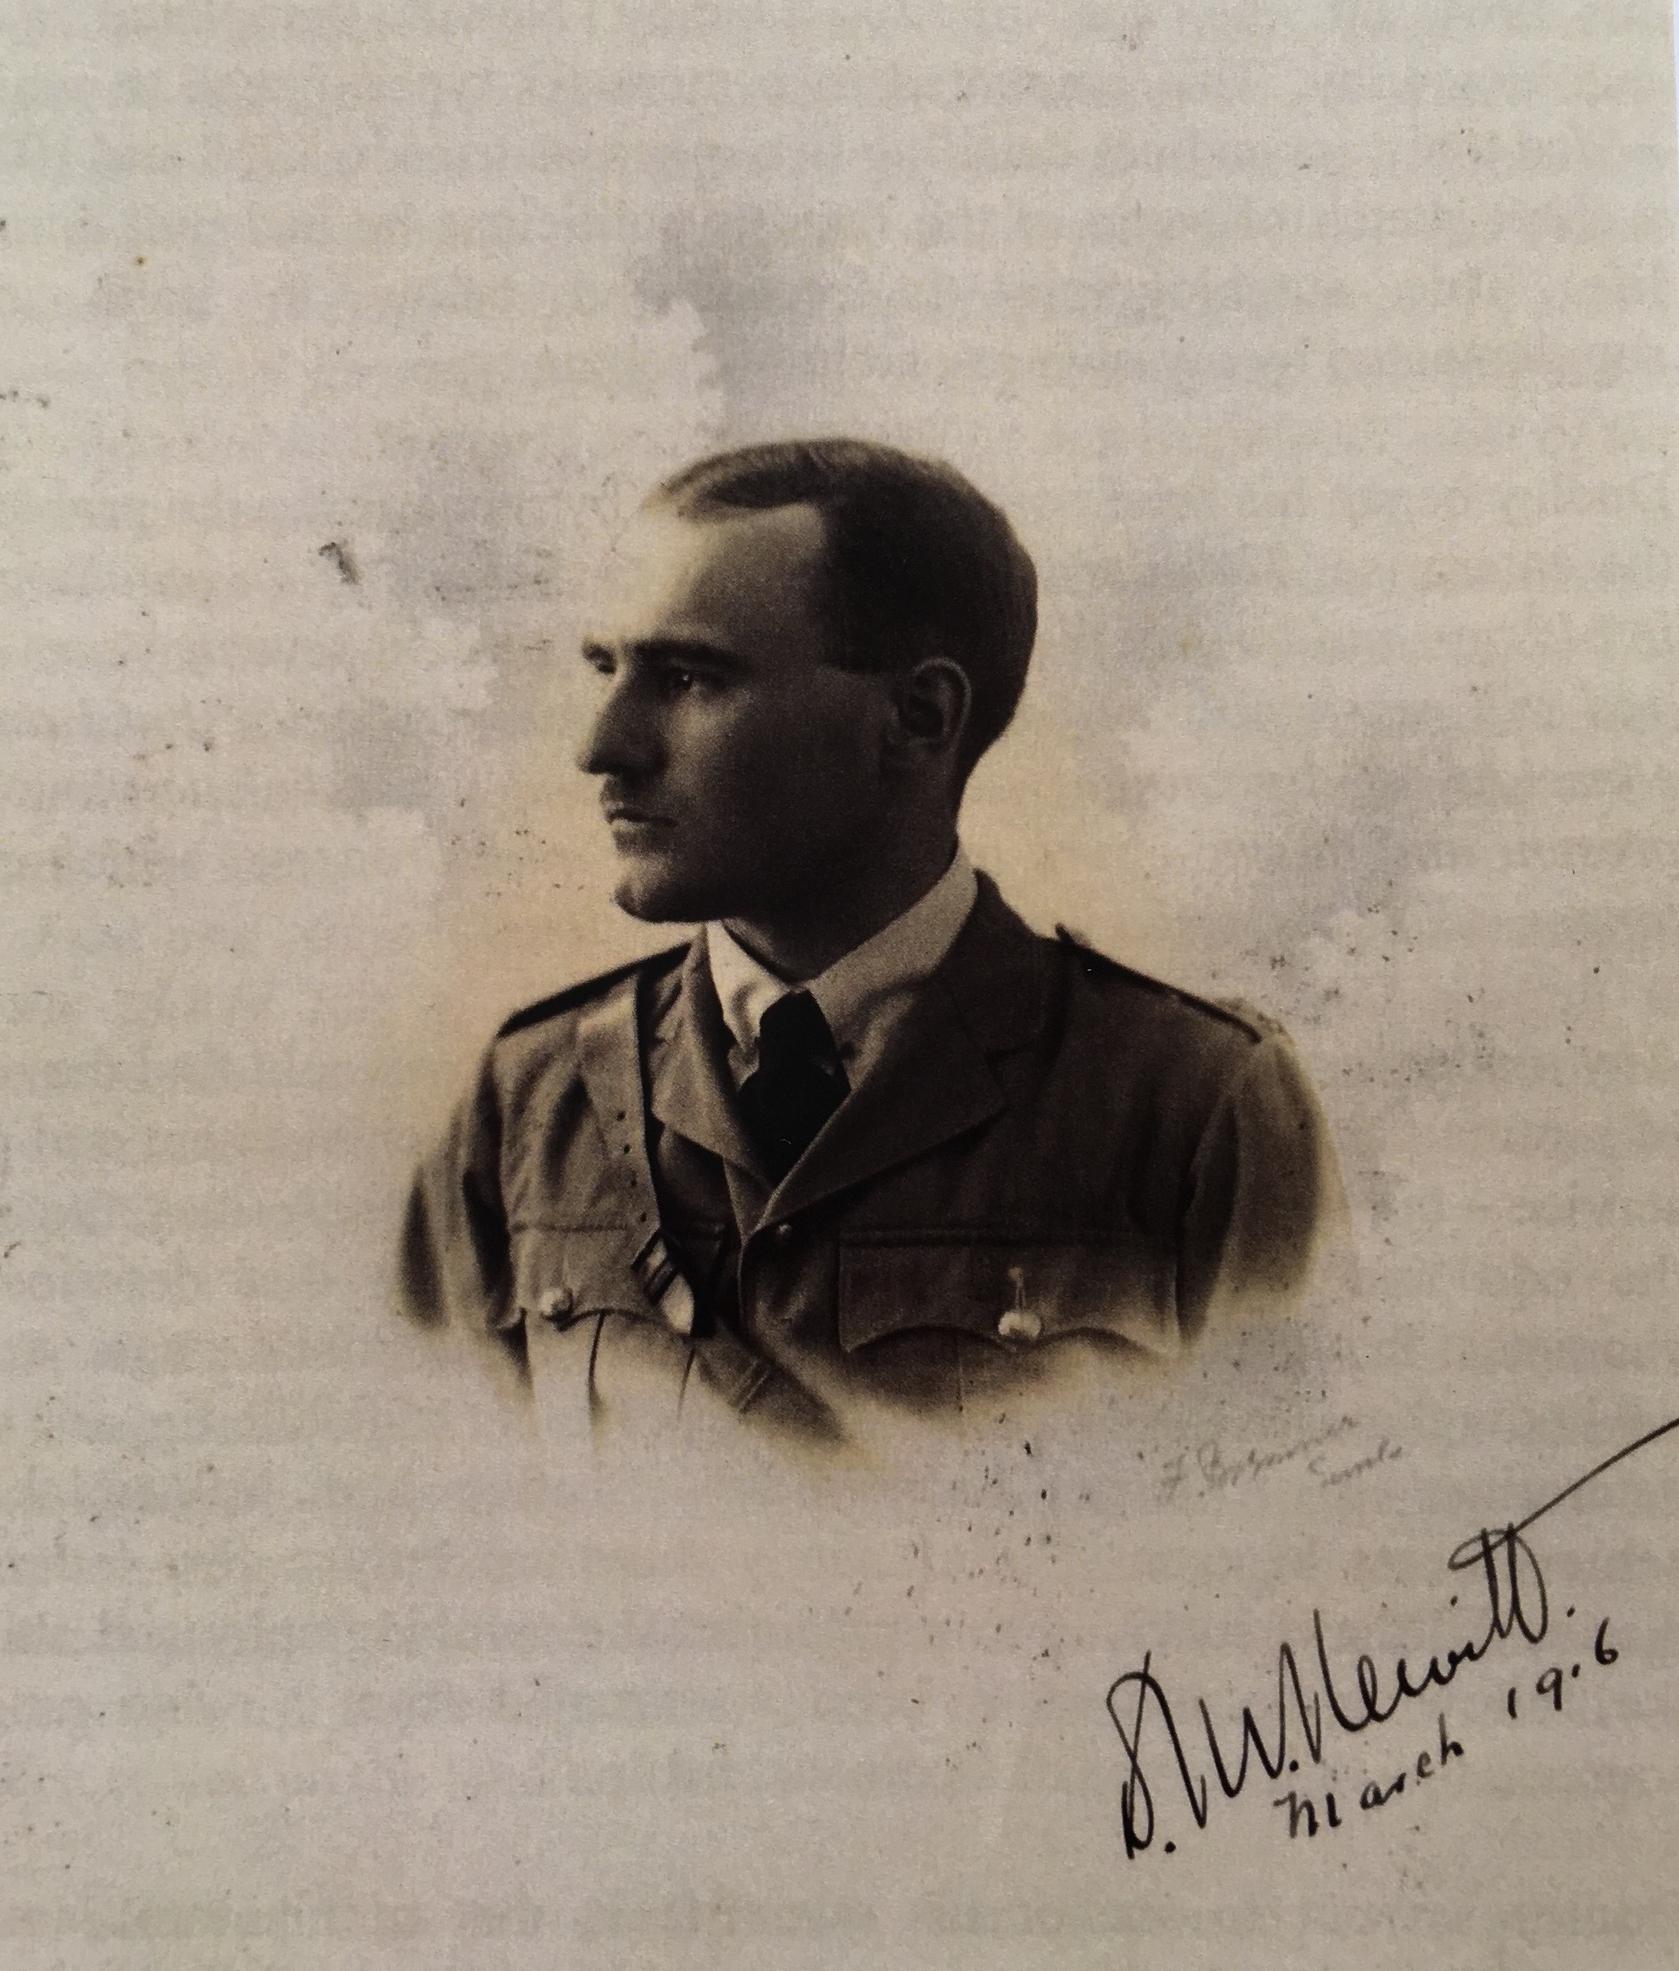 Captain Dudley Newitt, March 1916